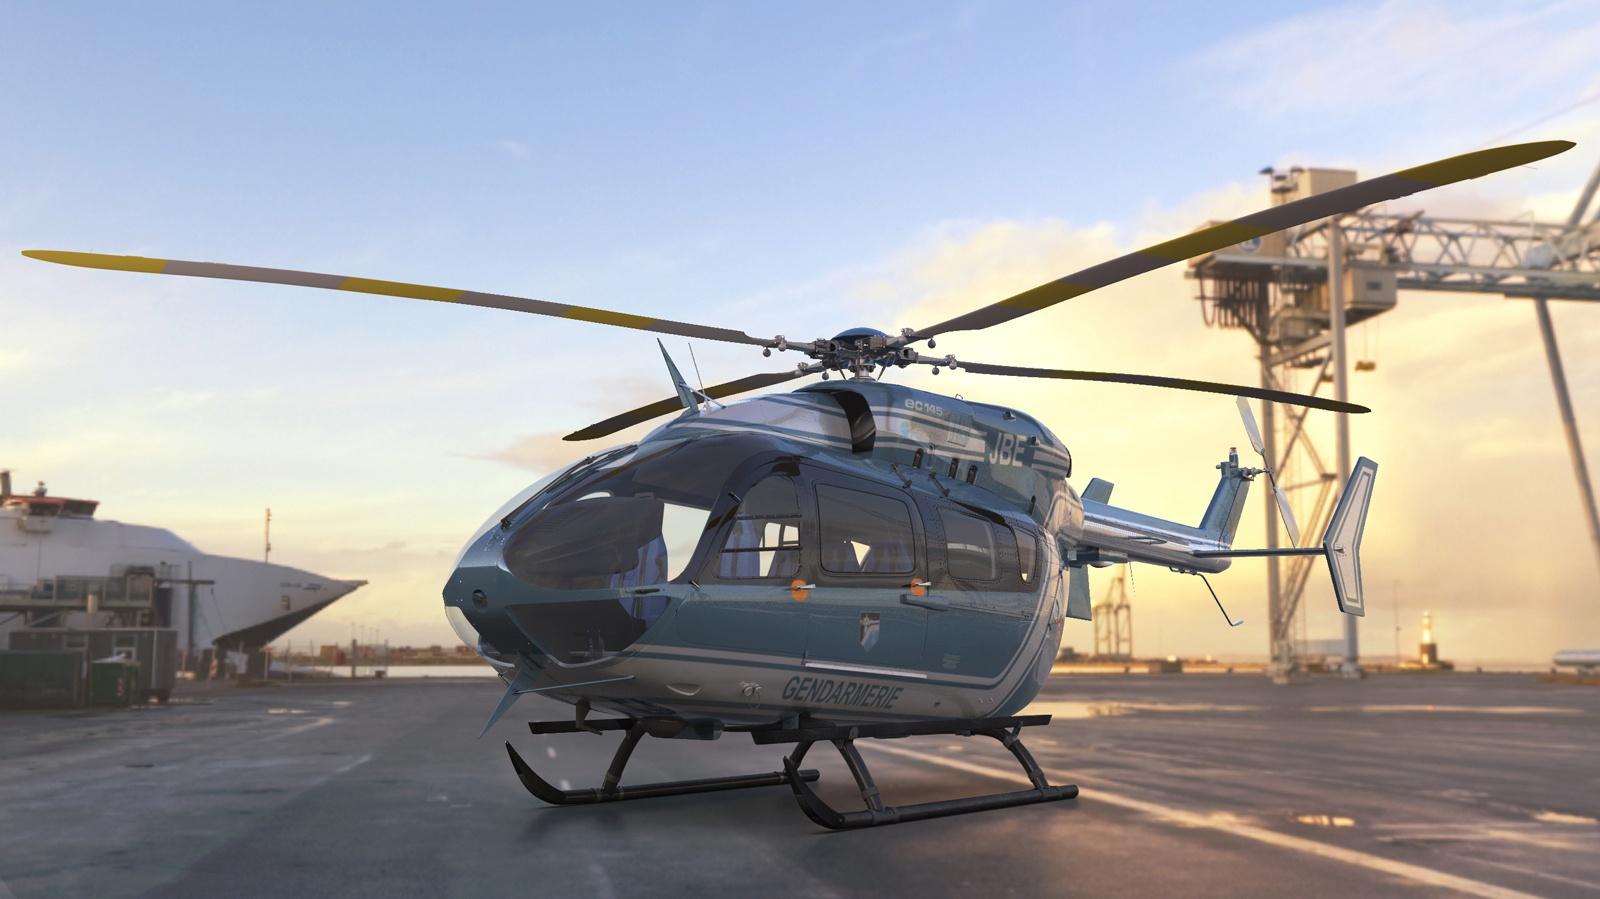 Eurocopter EC145 by Steve de Vriendt